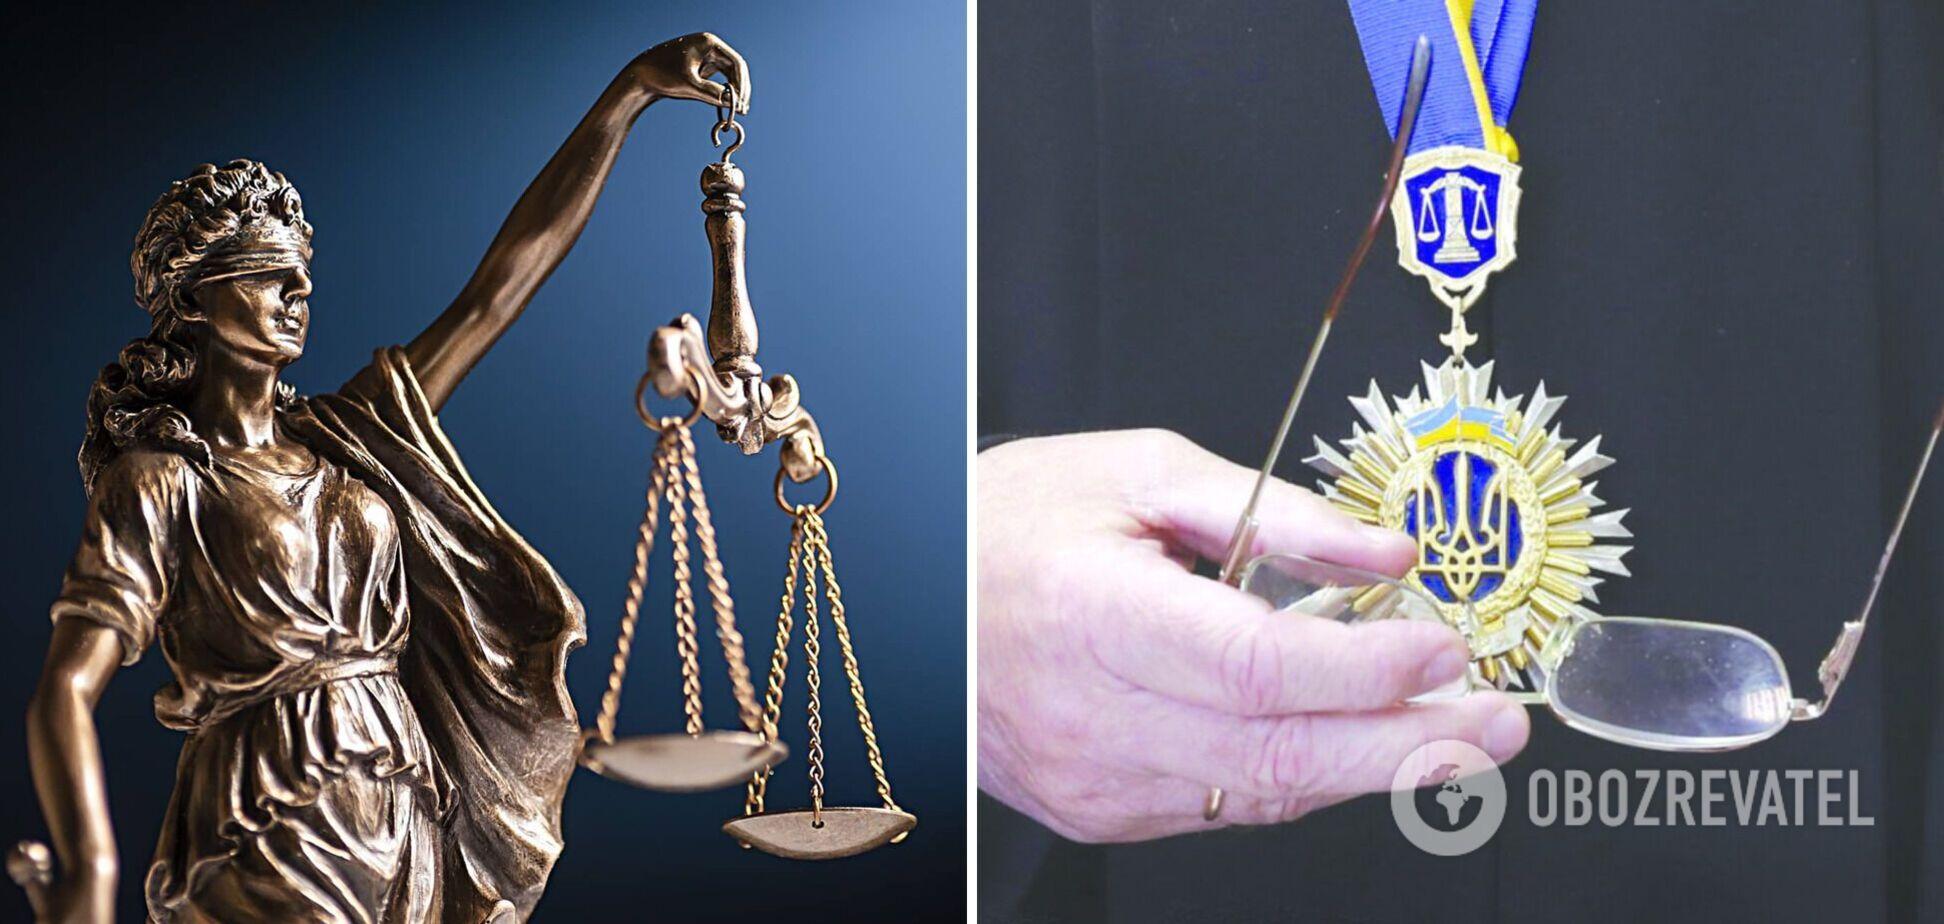 У некоторых судей сомнительная репутация